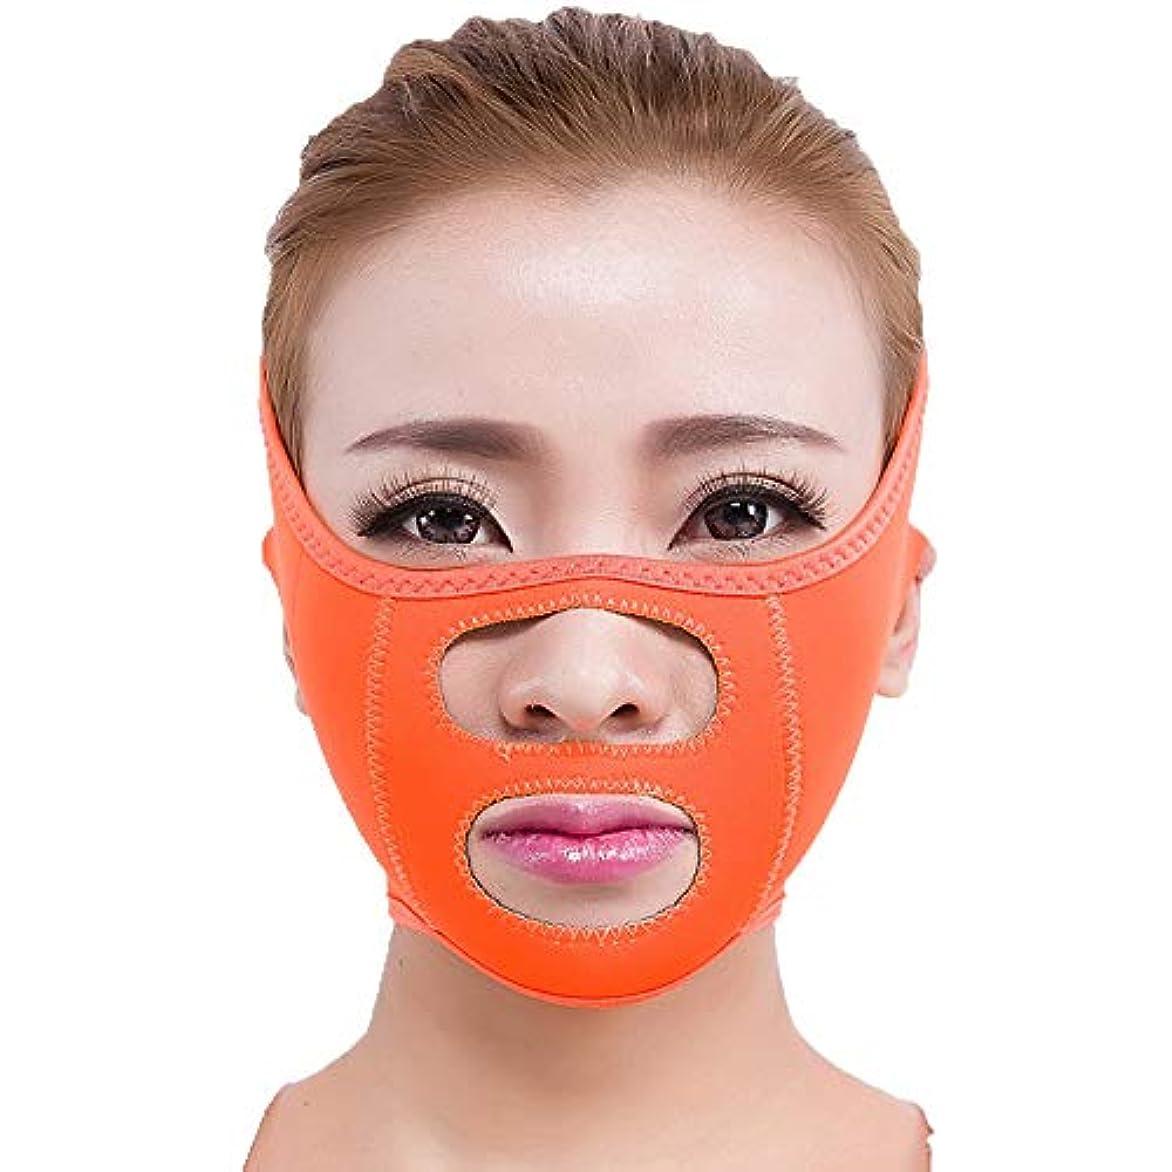 ハードリング専ら立ち向かう二重顎の圧力低下装置、睡眠薄い顔のベルト小さなvの顔の器械の包帯マスク持ち上げる顔のステッカー,Orange